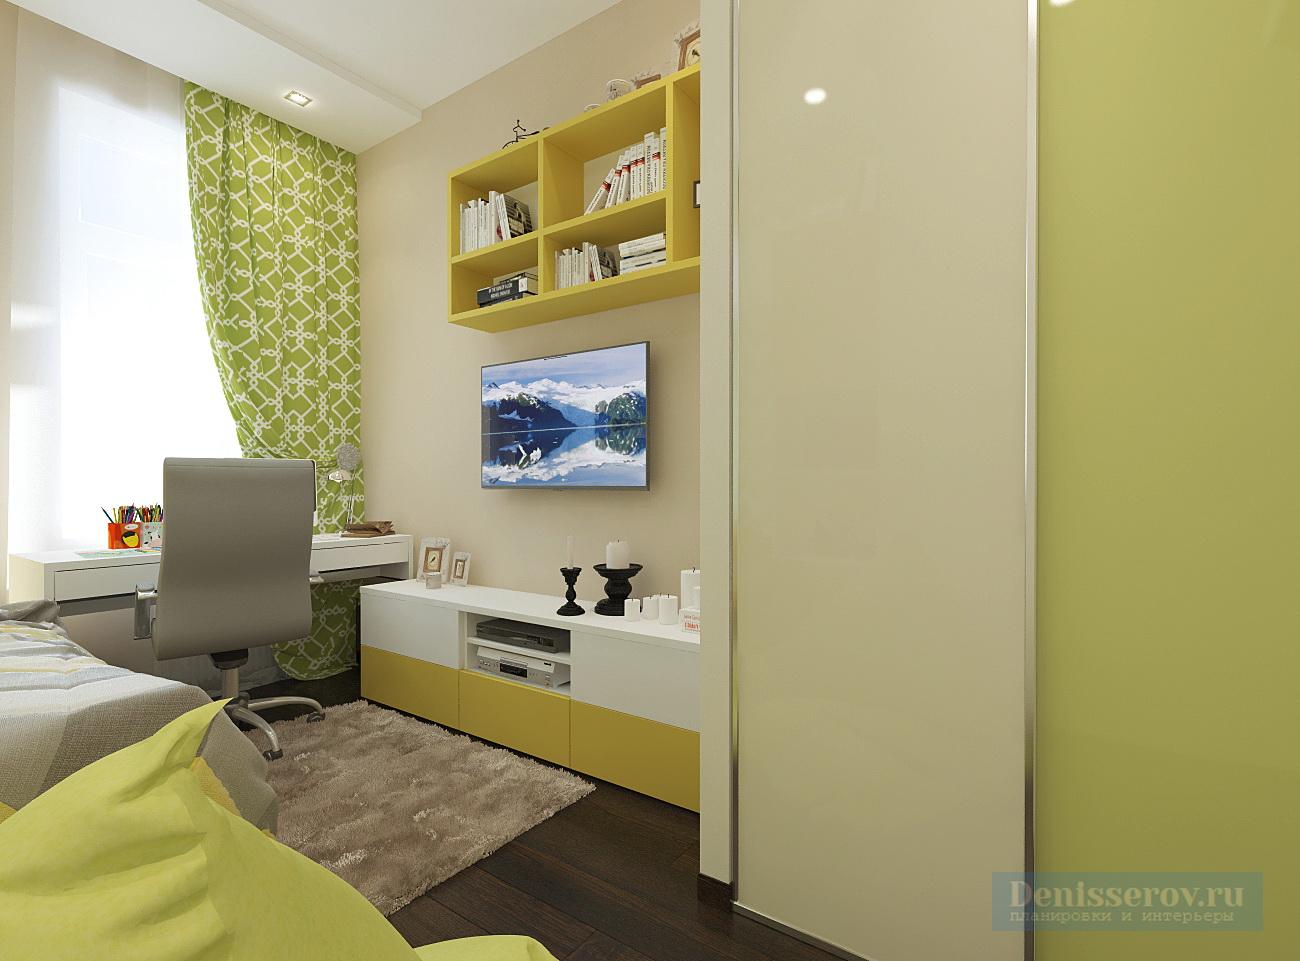 Комната для мальчика 10 лет фото дизайн